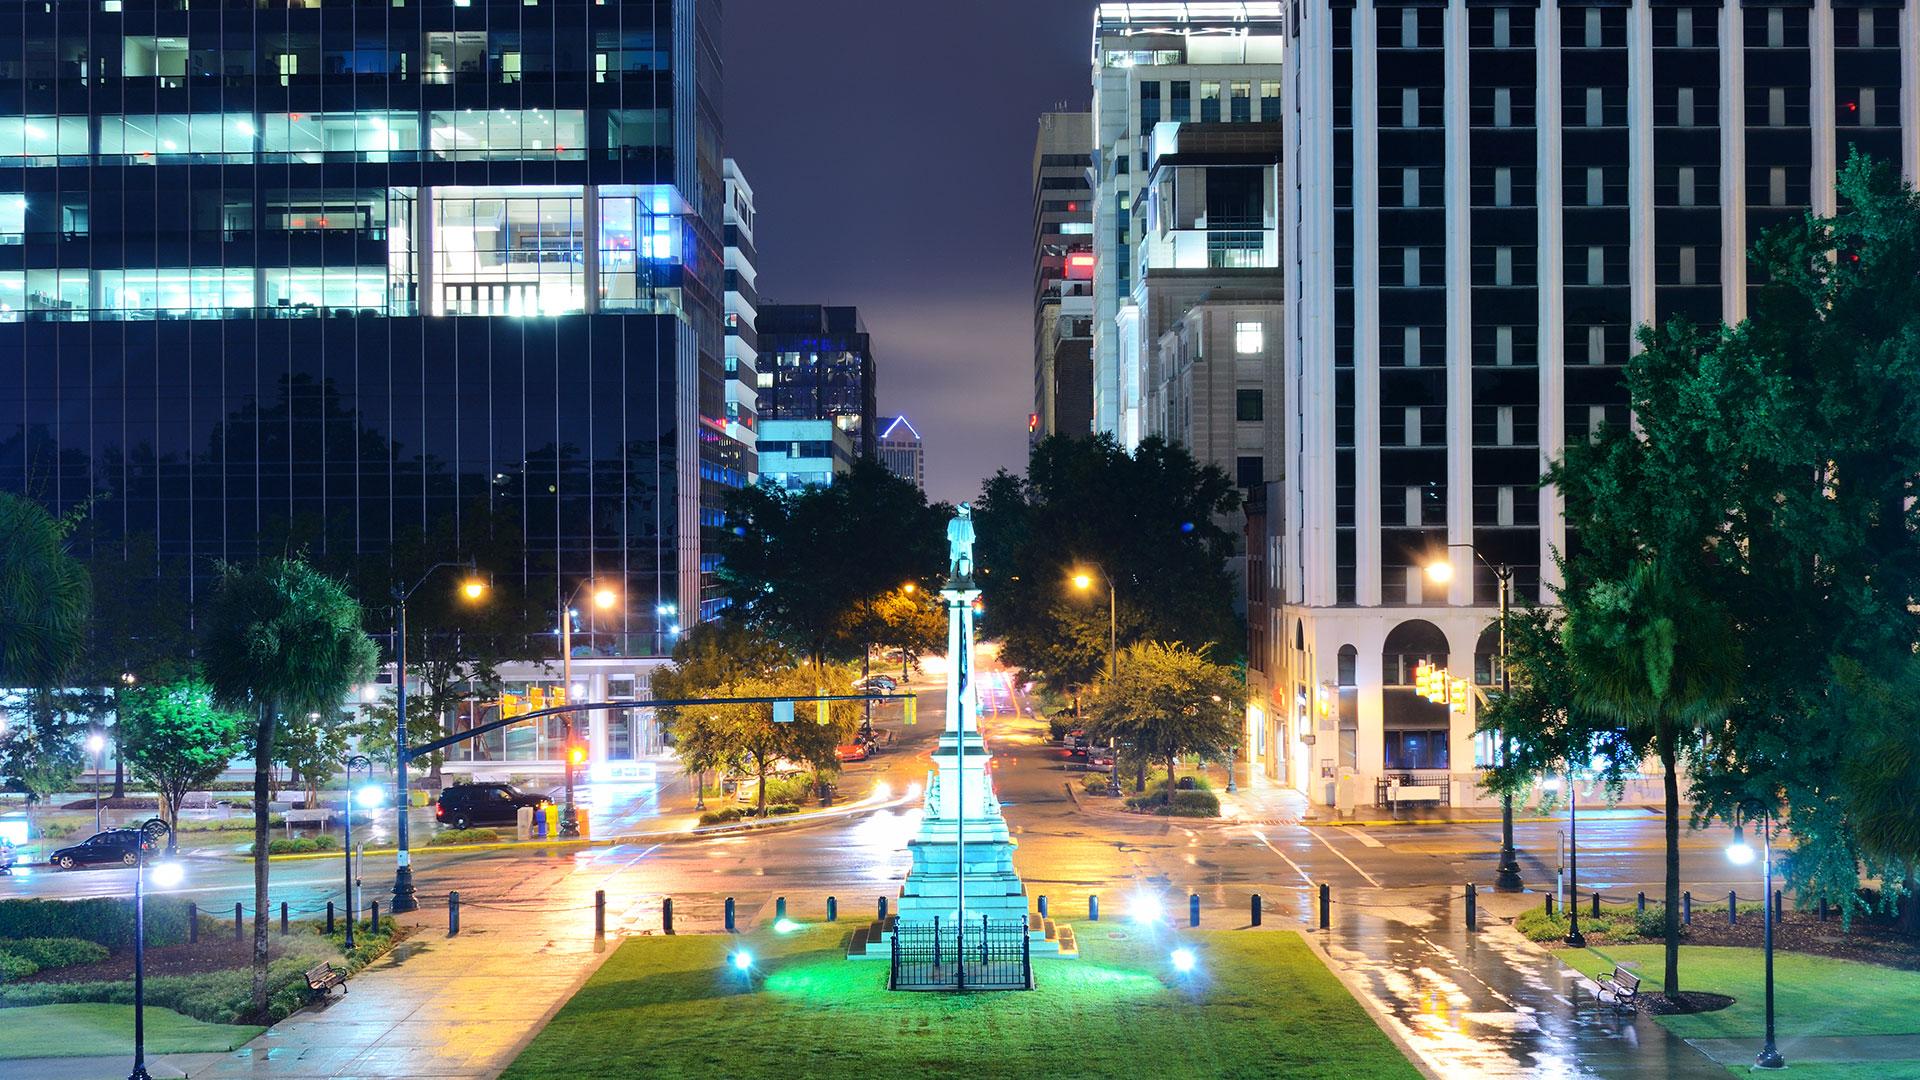 downtown-columbia-night